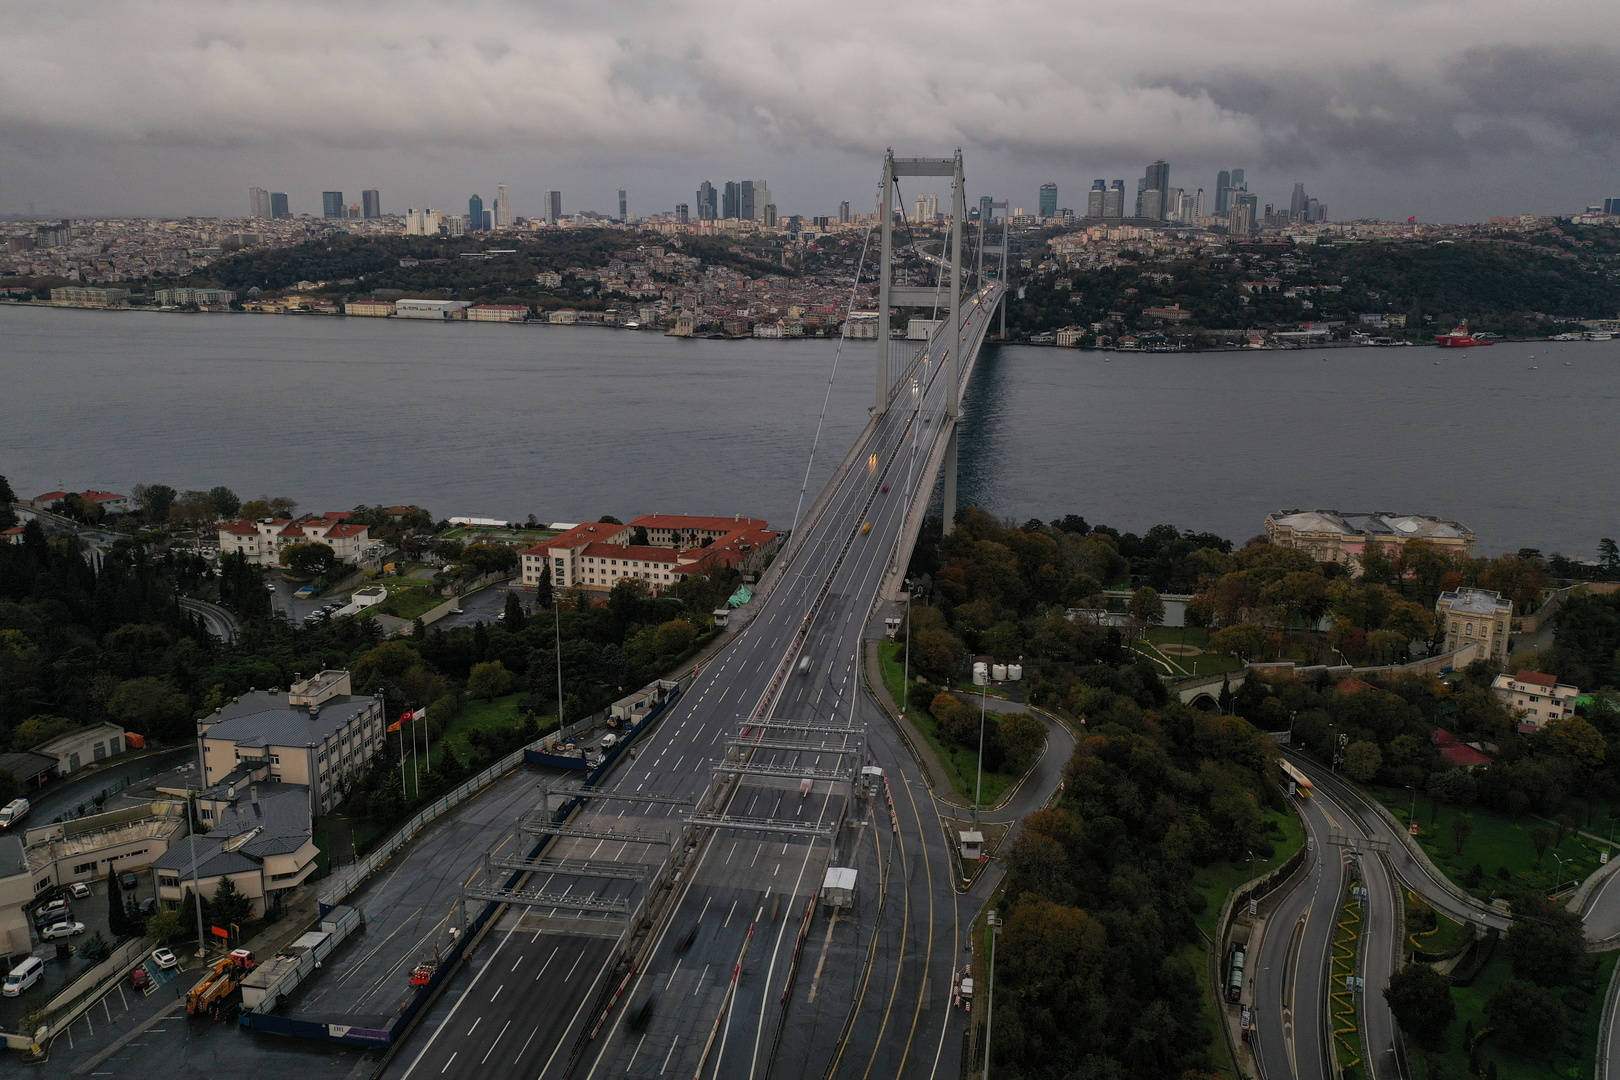 تركيا.. النيابة العامة تطالب باعتقال أميرال متقاعد على خلفية بيان قناة إسطنبول